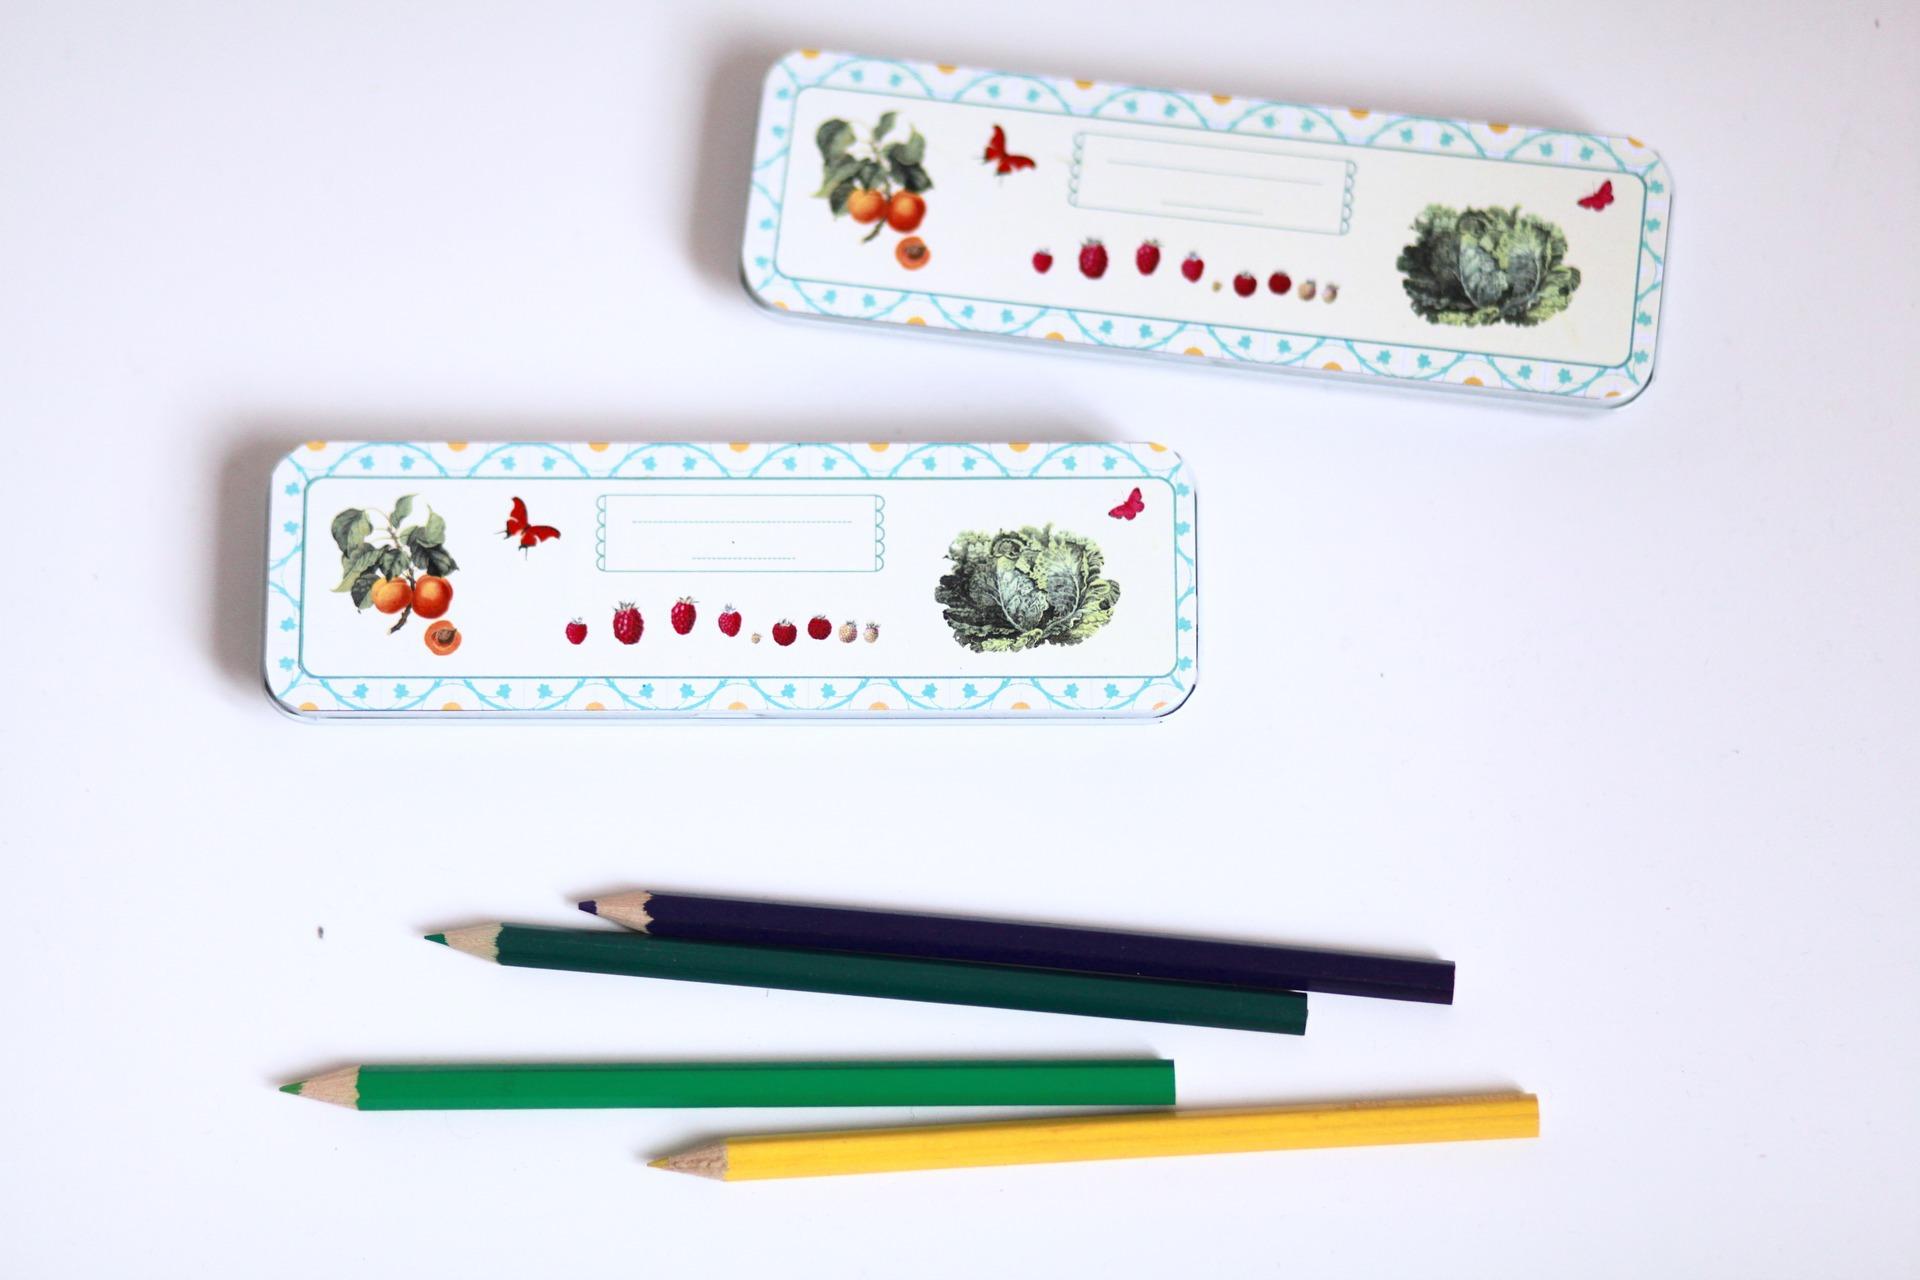 materiel-pour-ecriture-petite-boite-de-crayons-de-couleur-15837782-img-4982-jpg-0ee424-cccd7_big